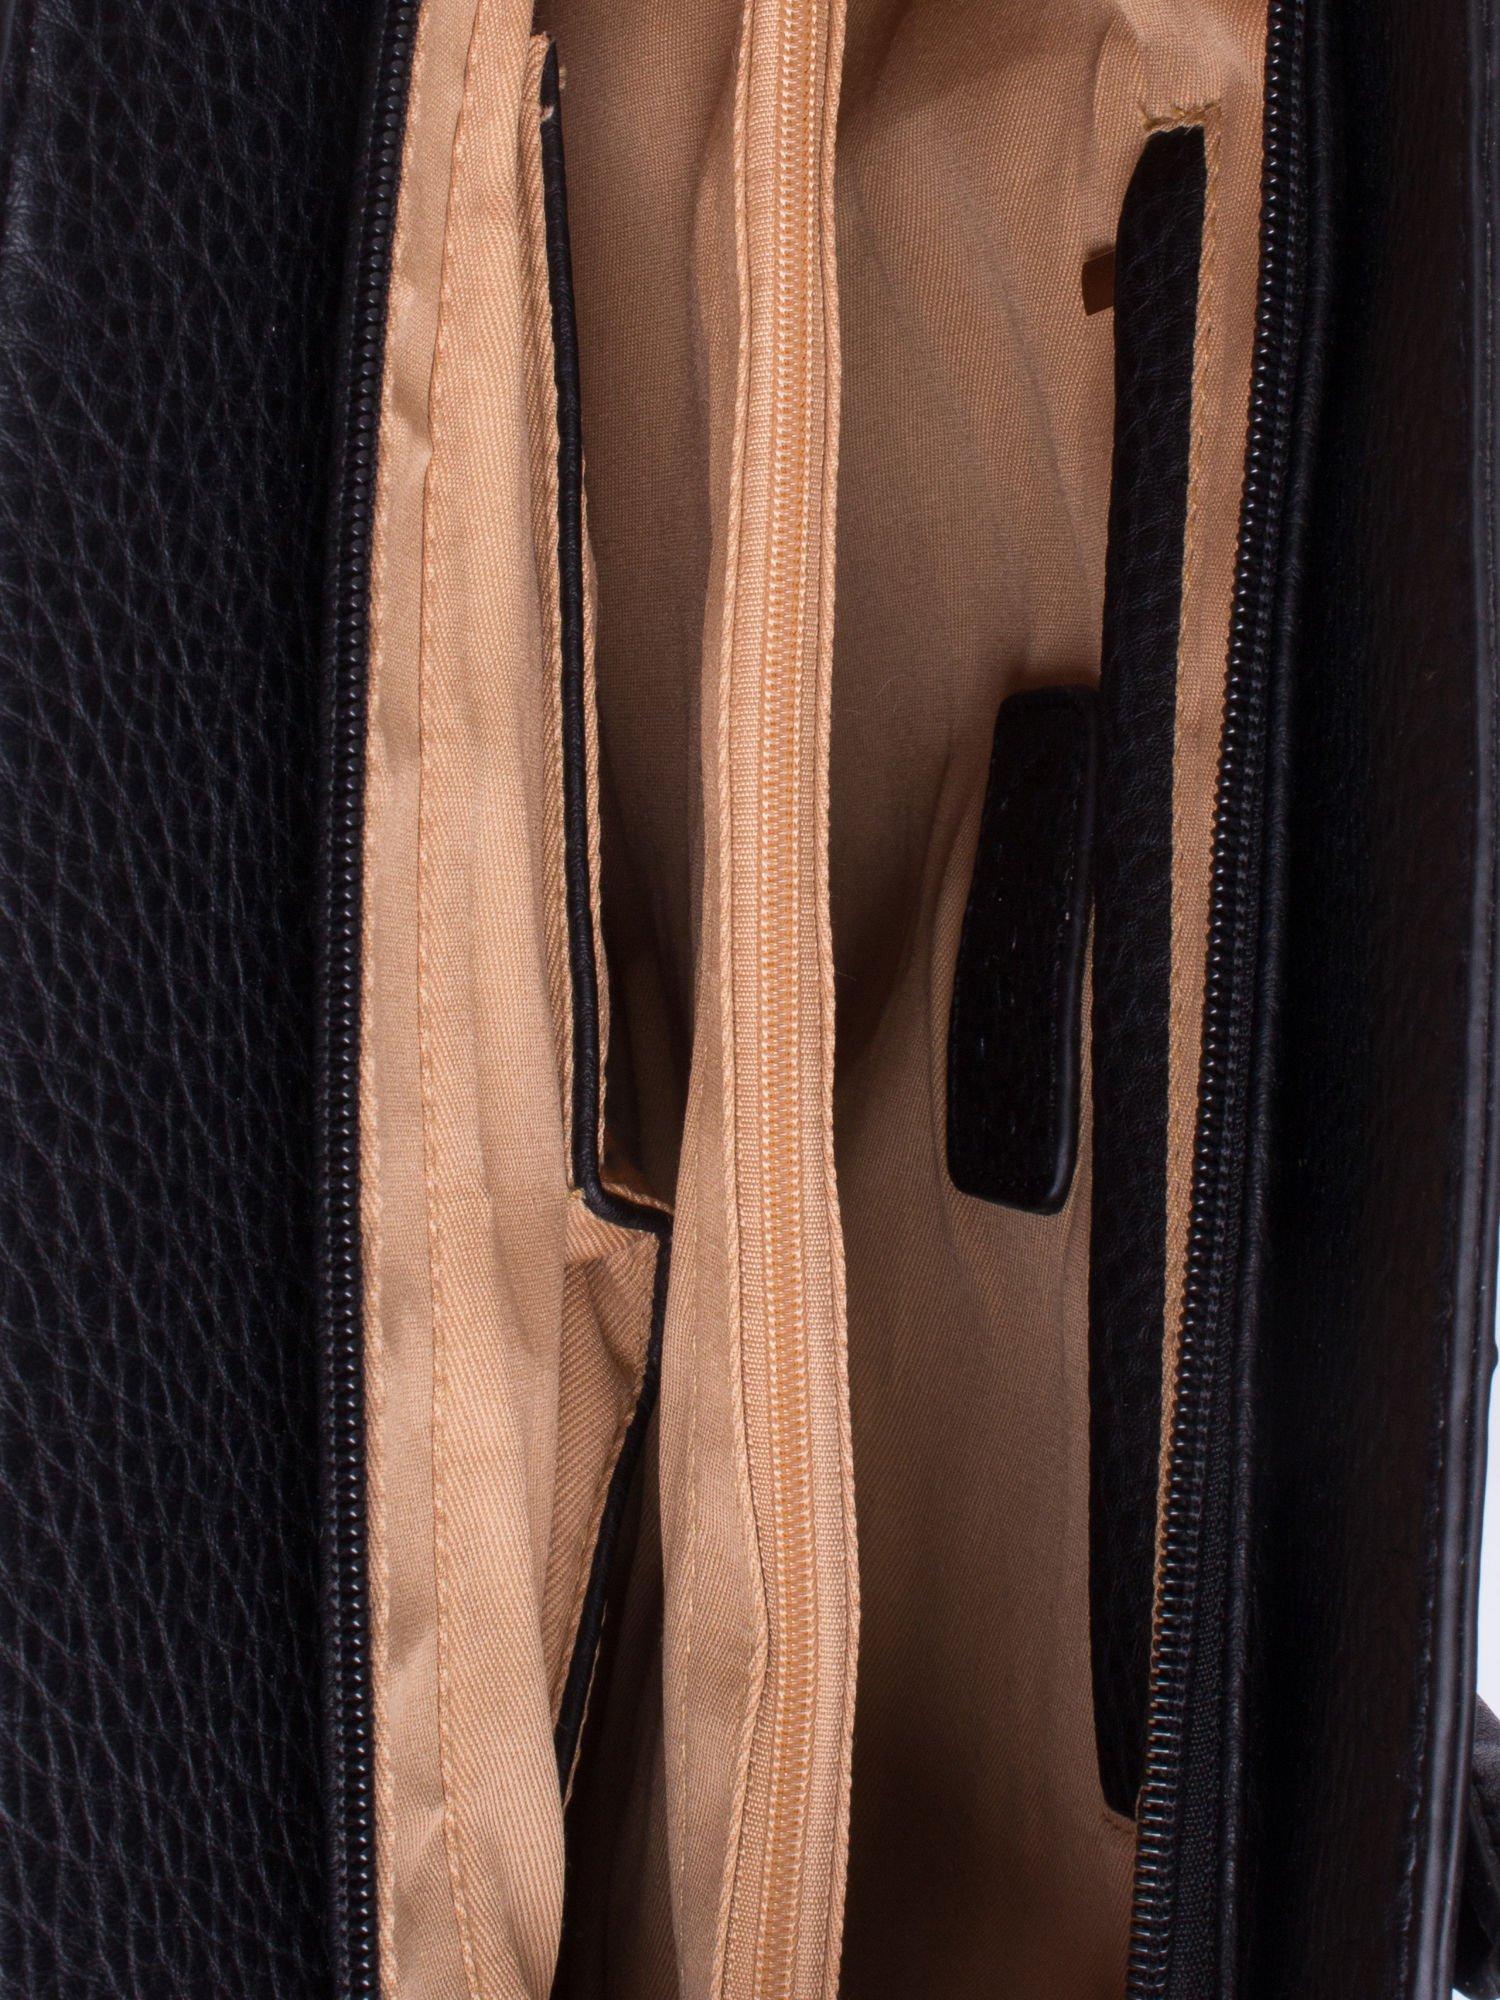 Czarna fakturowana torba miejska ze złotym łańcuszkiem                                  zdj.                                  4